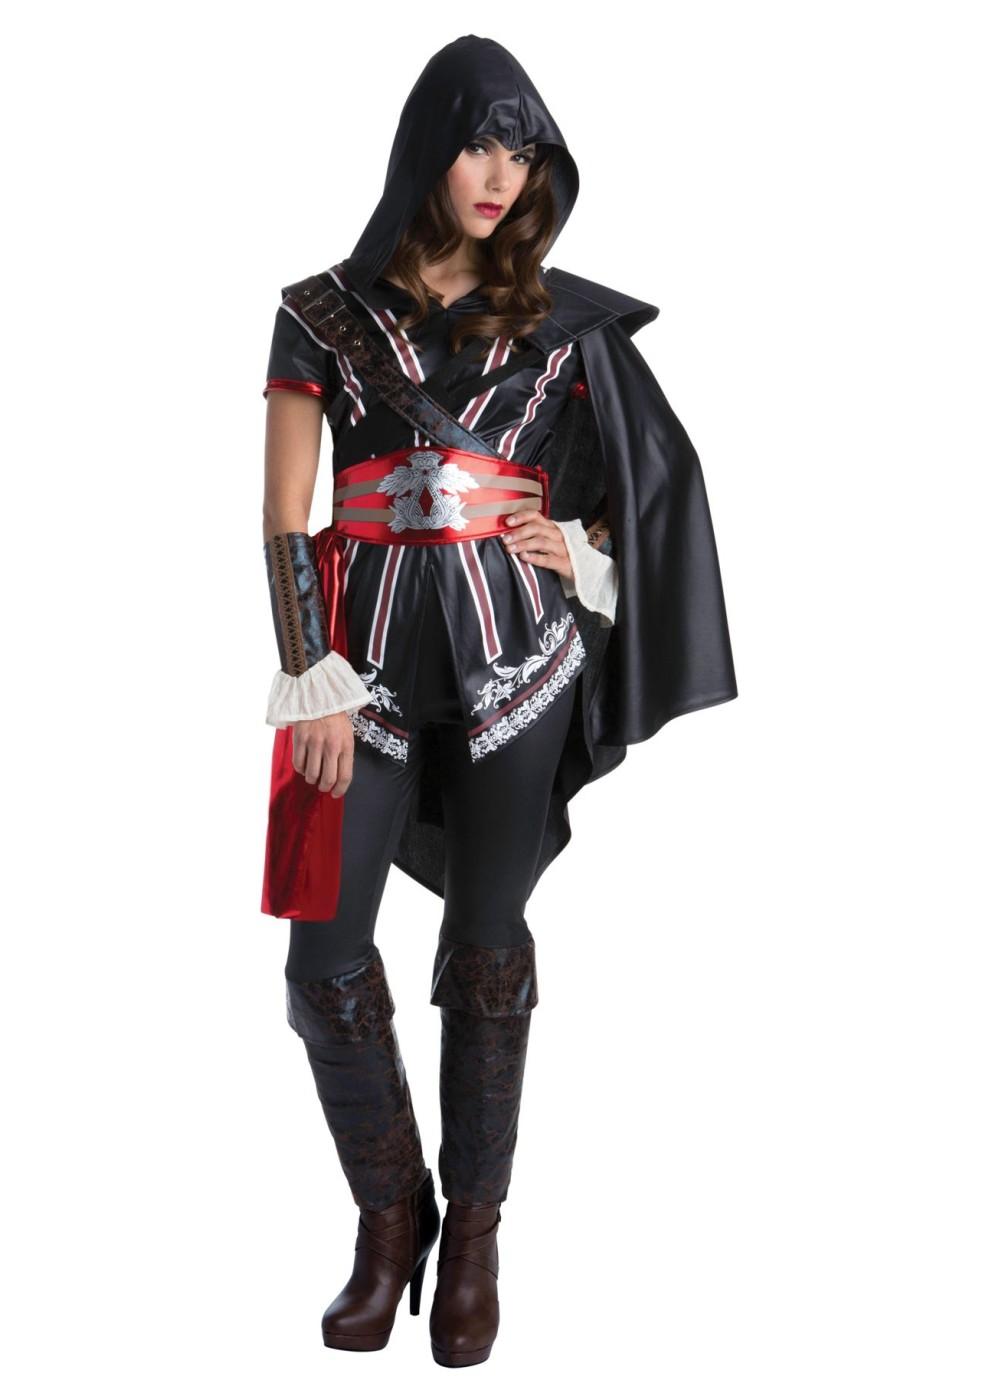 Assassins Creed Ezio Auditore Female Costume